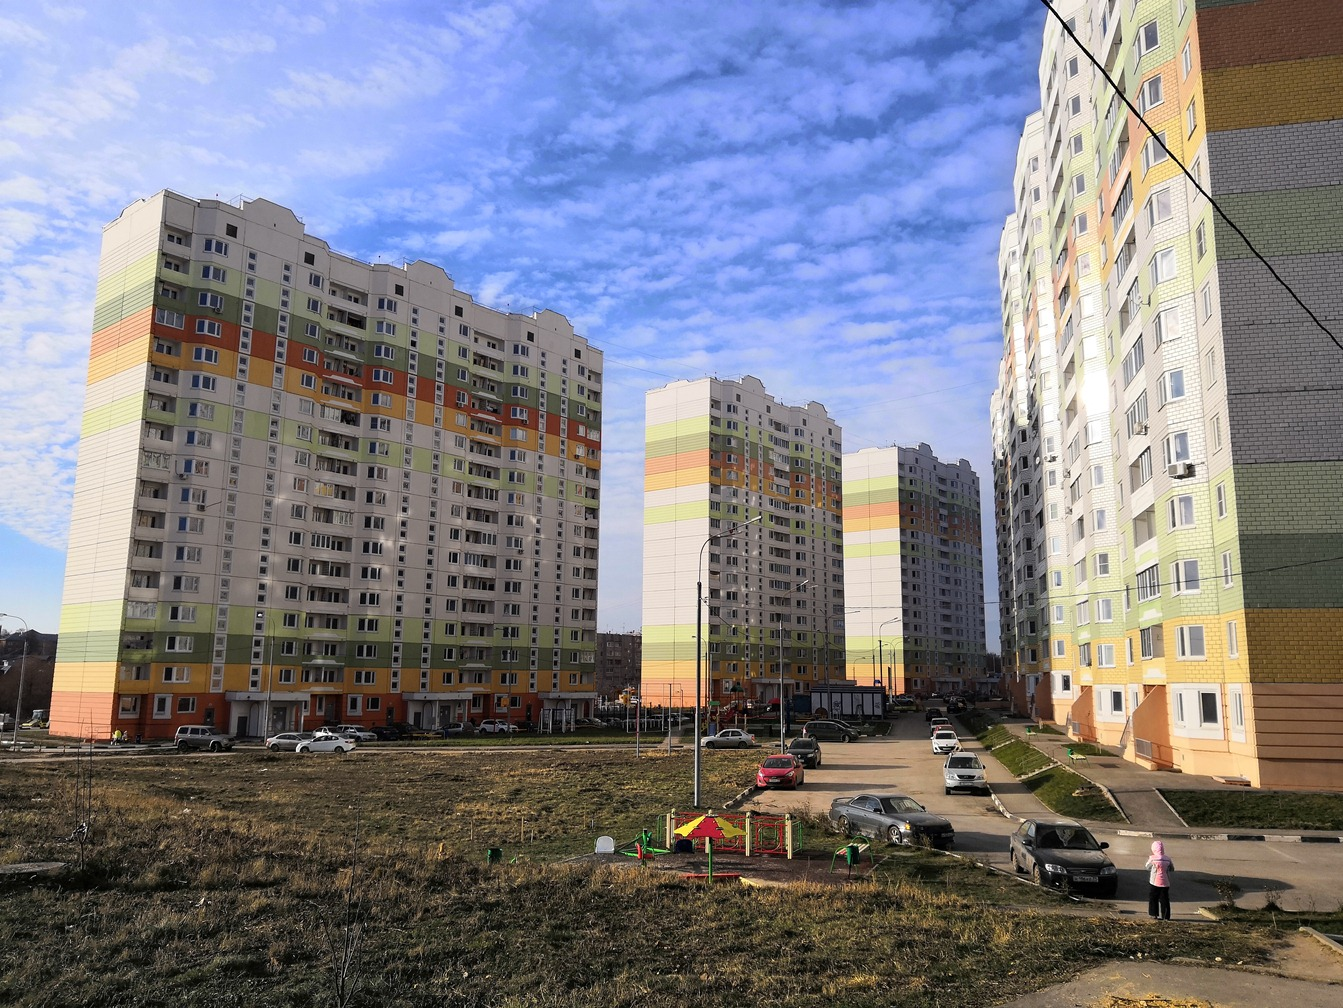 Фотографии домов 4-й Северо-Восточный микрорайон ЖК ПАРУС по улице Хворостухина г. Тула. ЗАО СУ-155